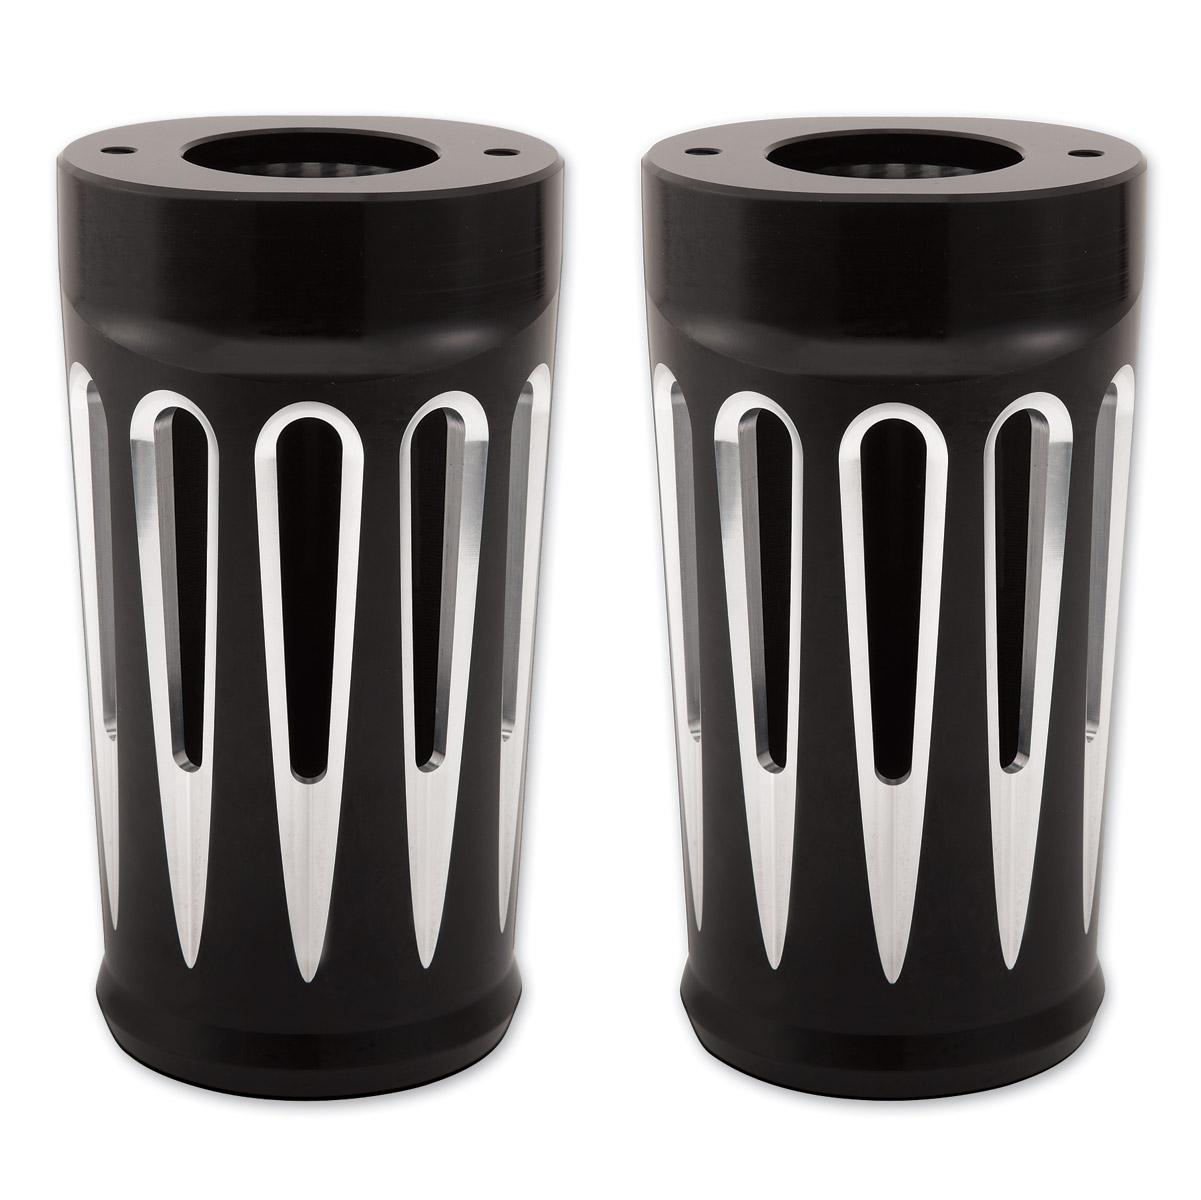 Arlen Ness Deep Cut Black Fork Boot Covers